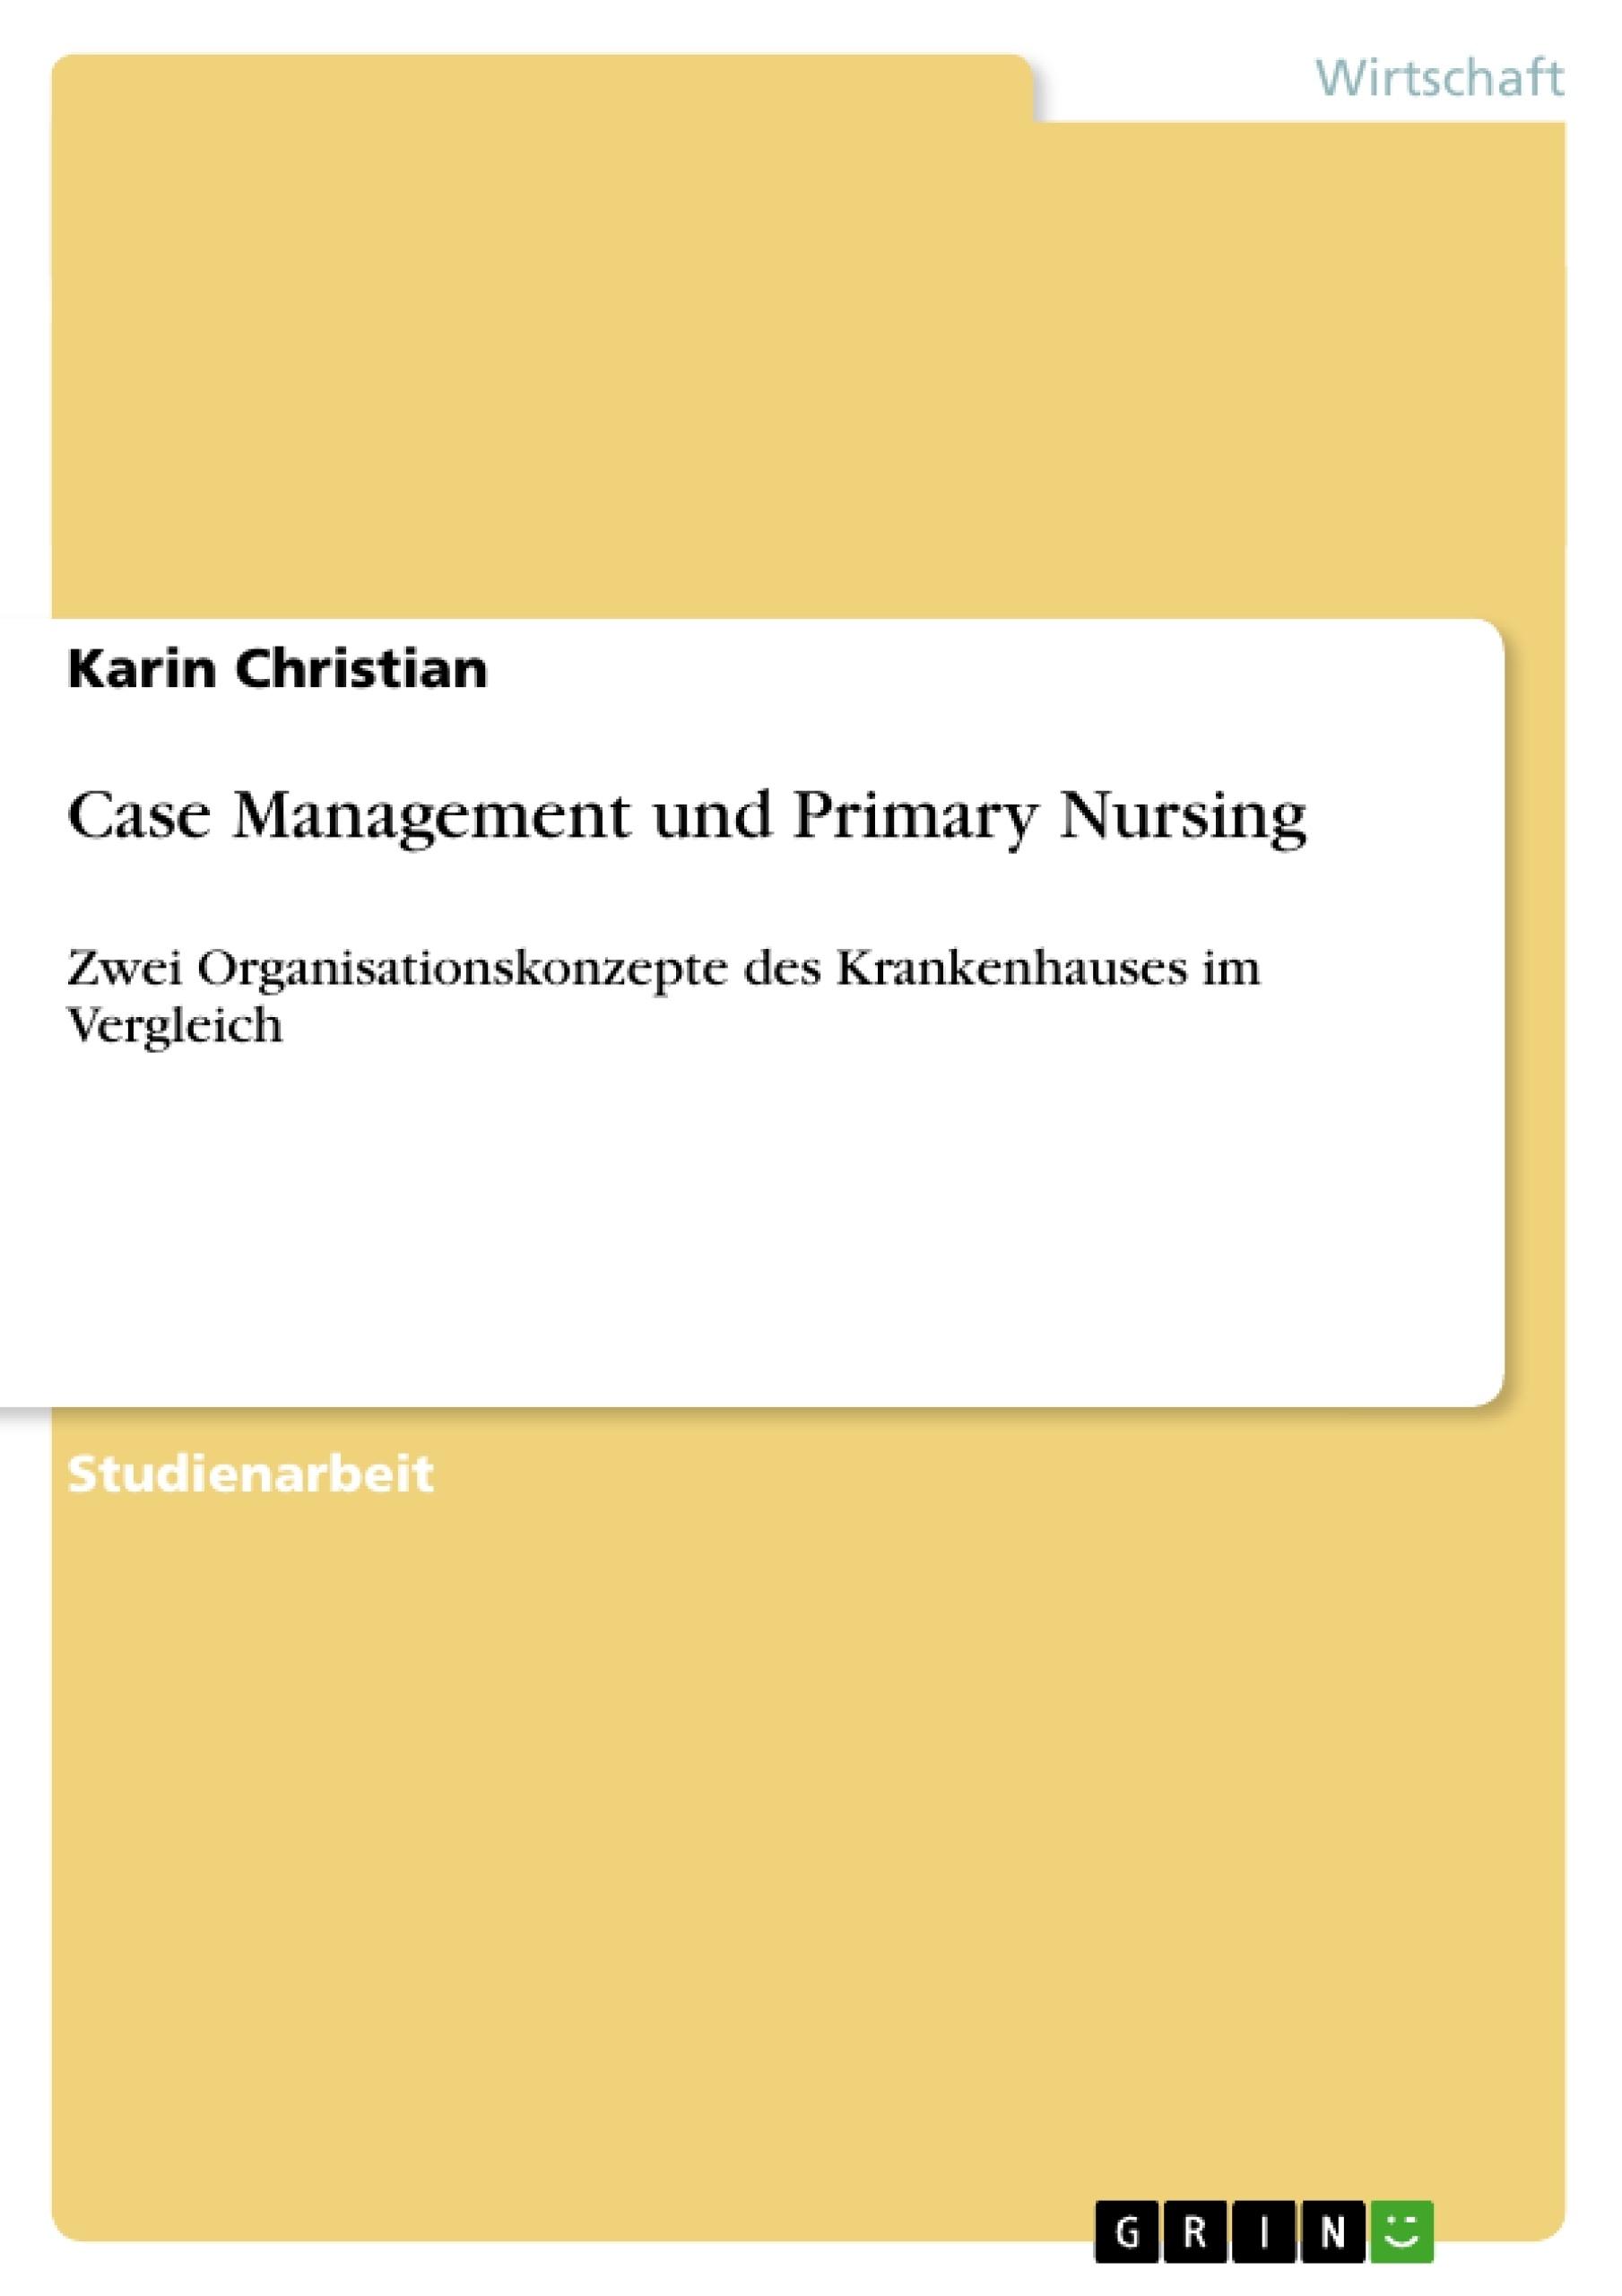 Titel: Case Management und Primary Nursing